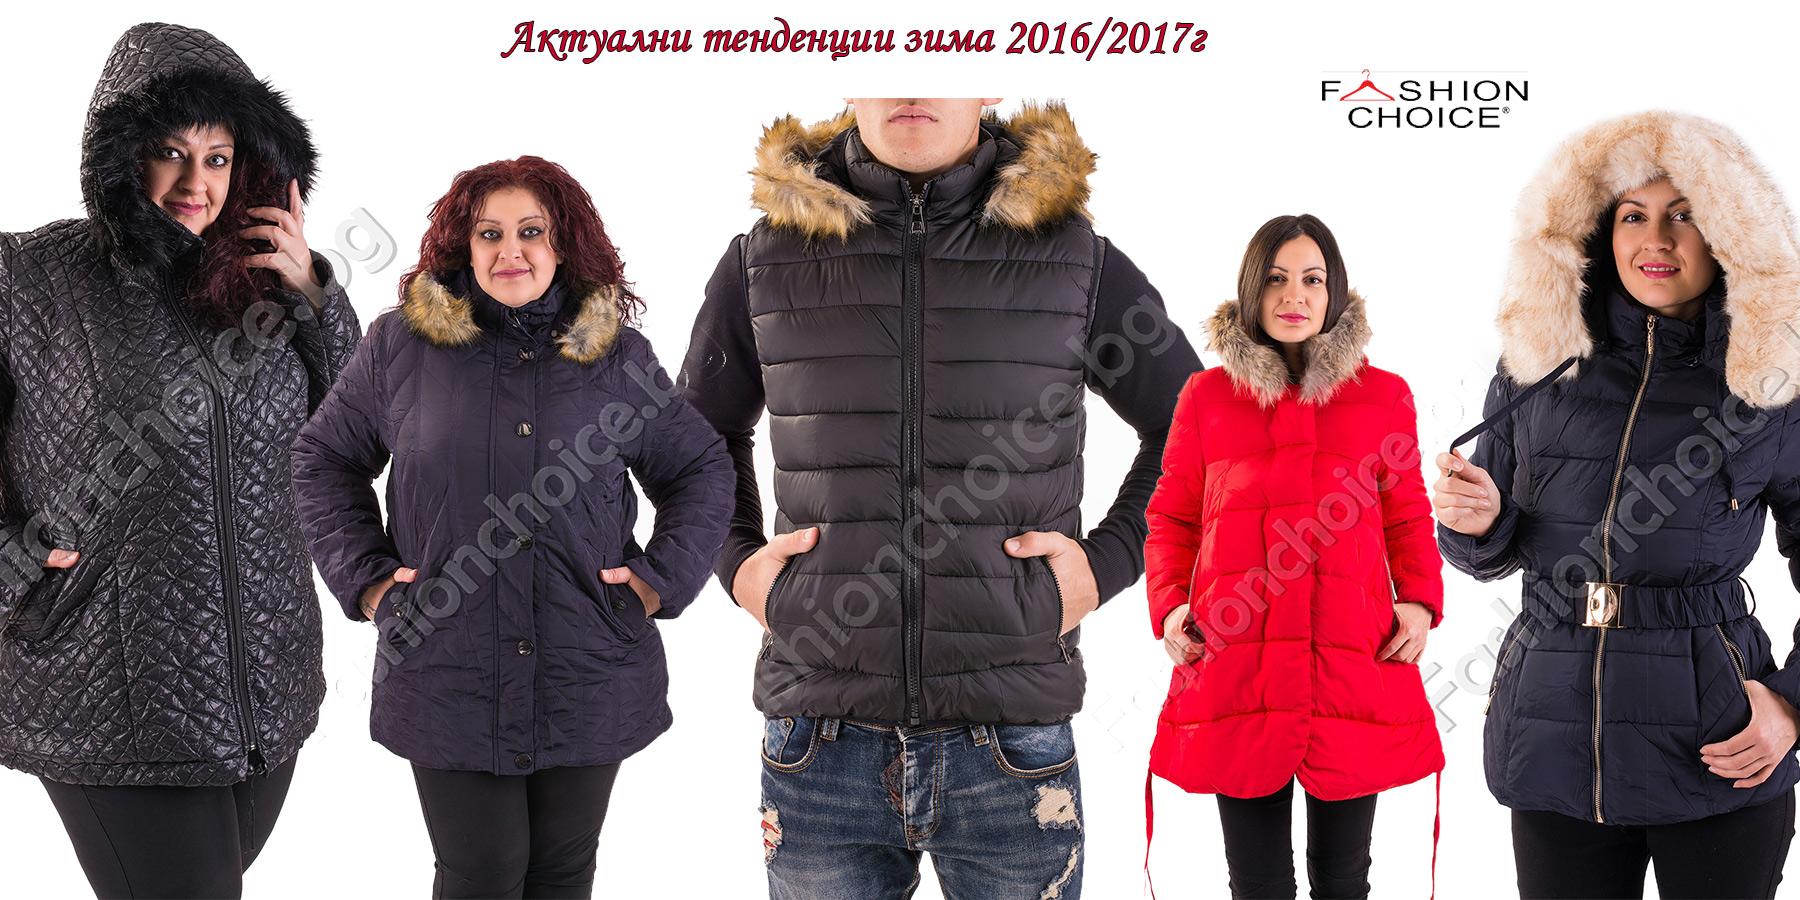 Модни тенденции при връхните дрехи за сезон зима 2016/2017г.